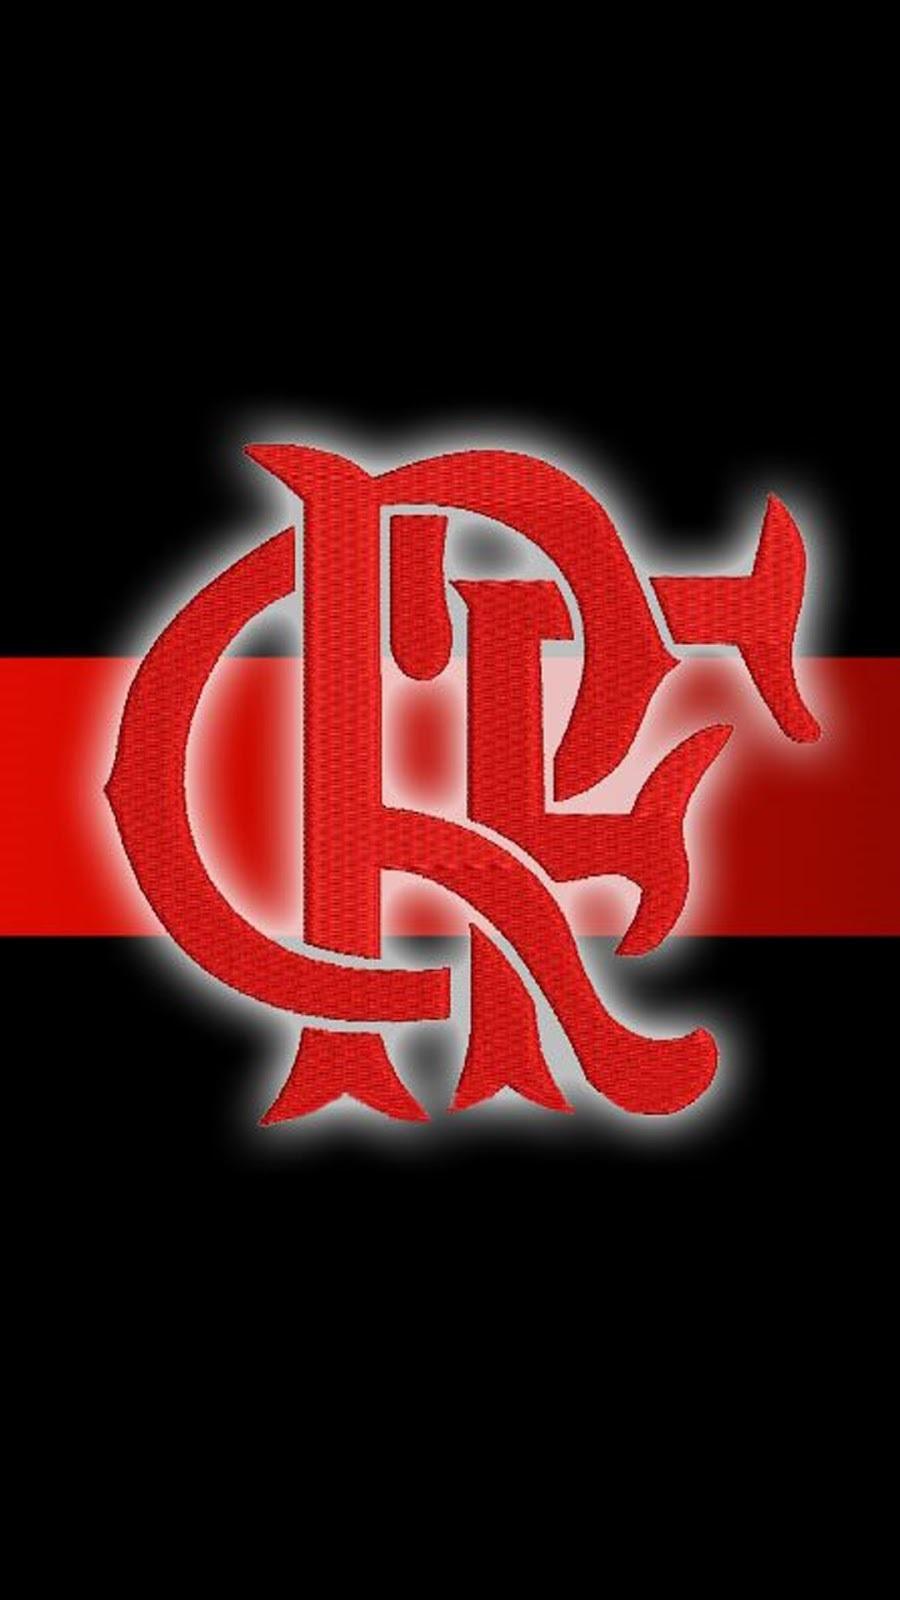 wallpaper-de-futebol-flamengo-emblema